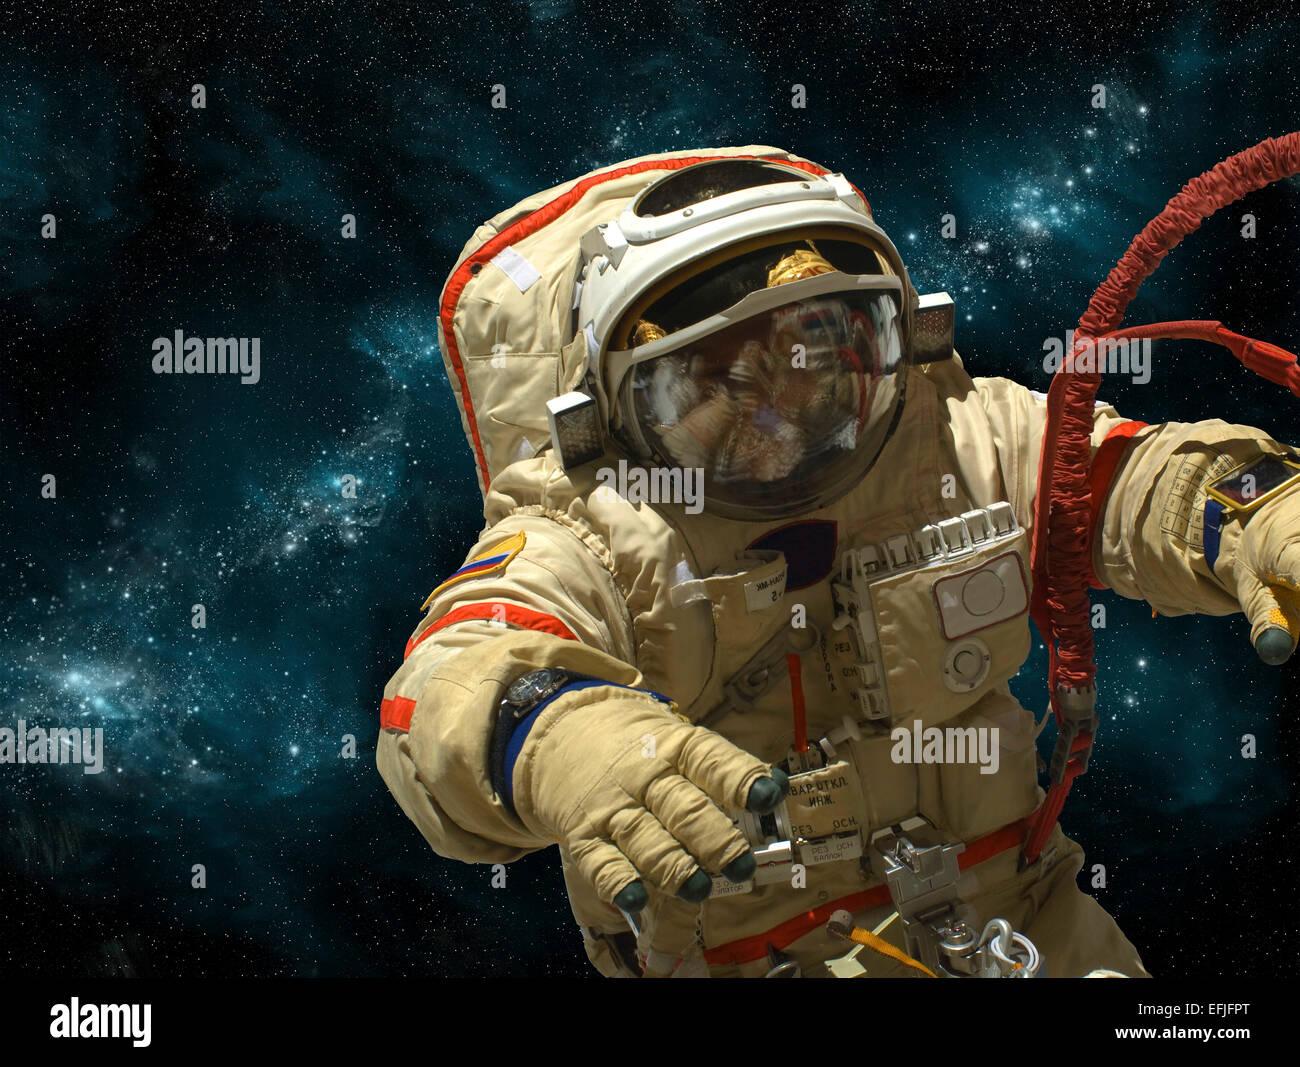 Un astronauta que flota en el espacio profundo contra un fondo de estrellas y nebulosa. Imagen De Stock